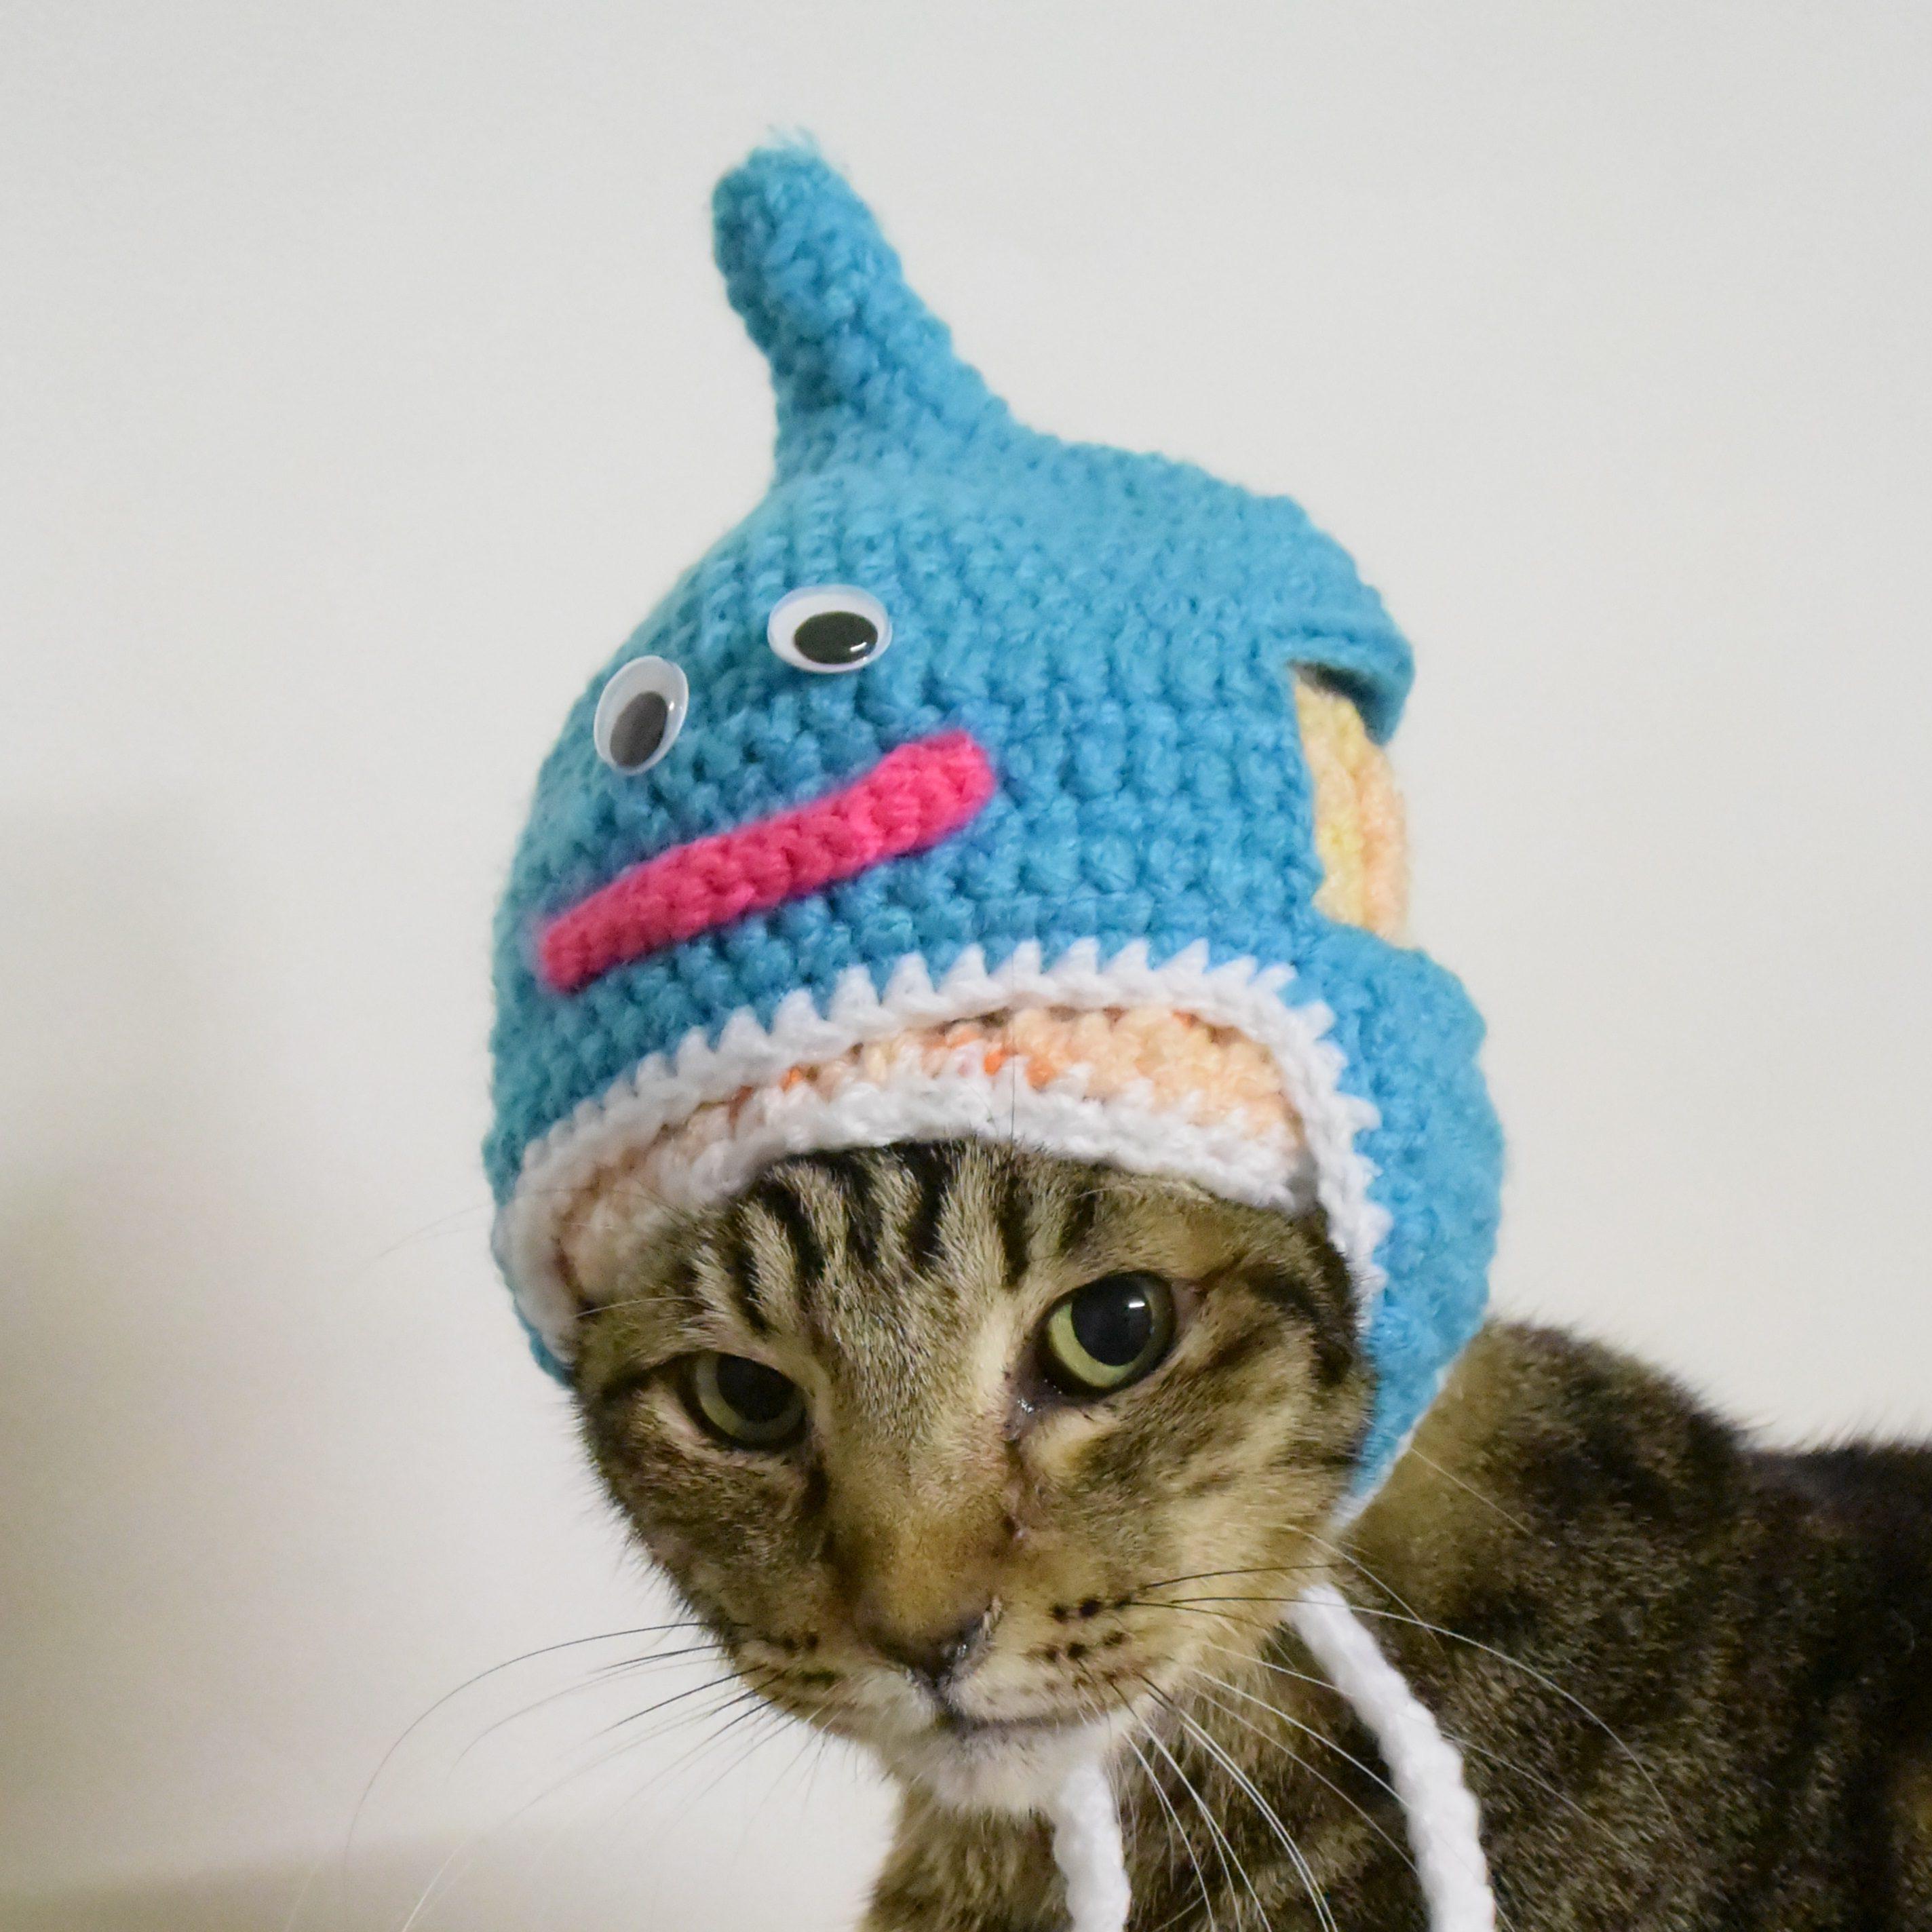 可愛いキジトラ猫の写真